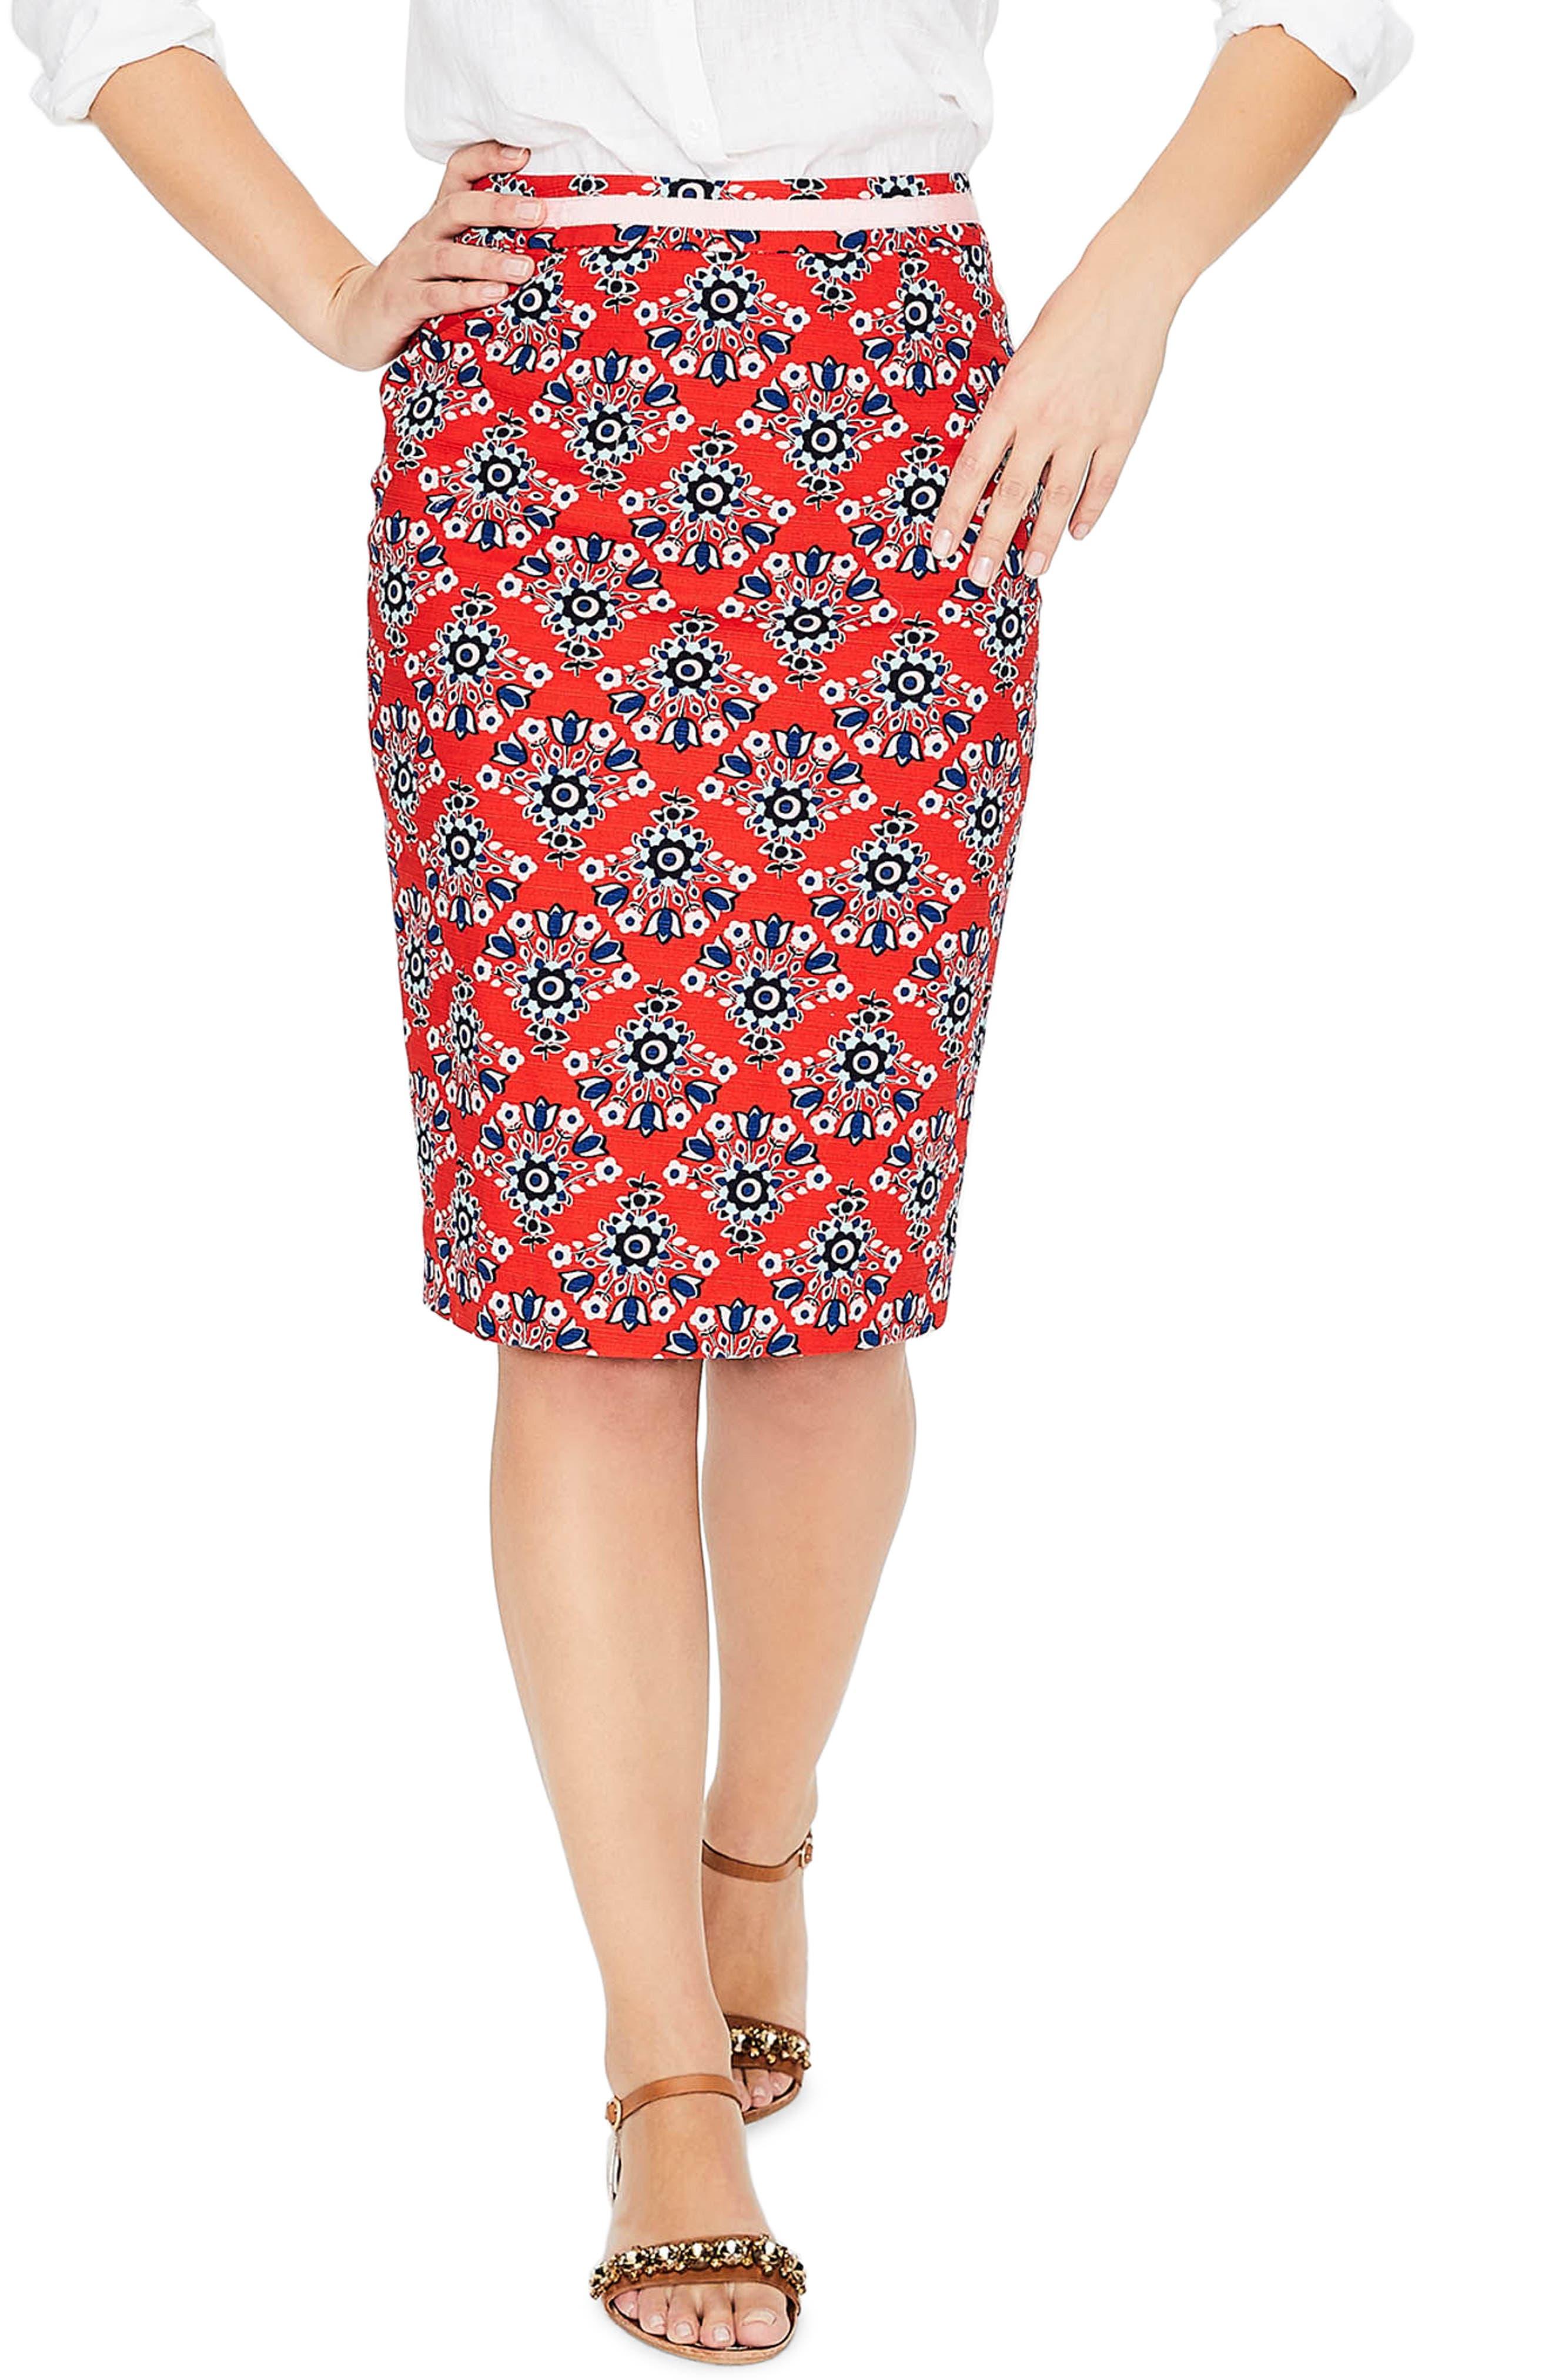 Boden Print Pencil Skirt